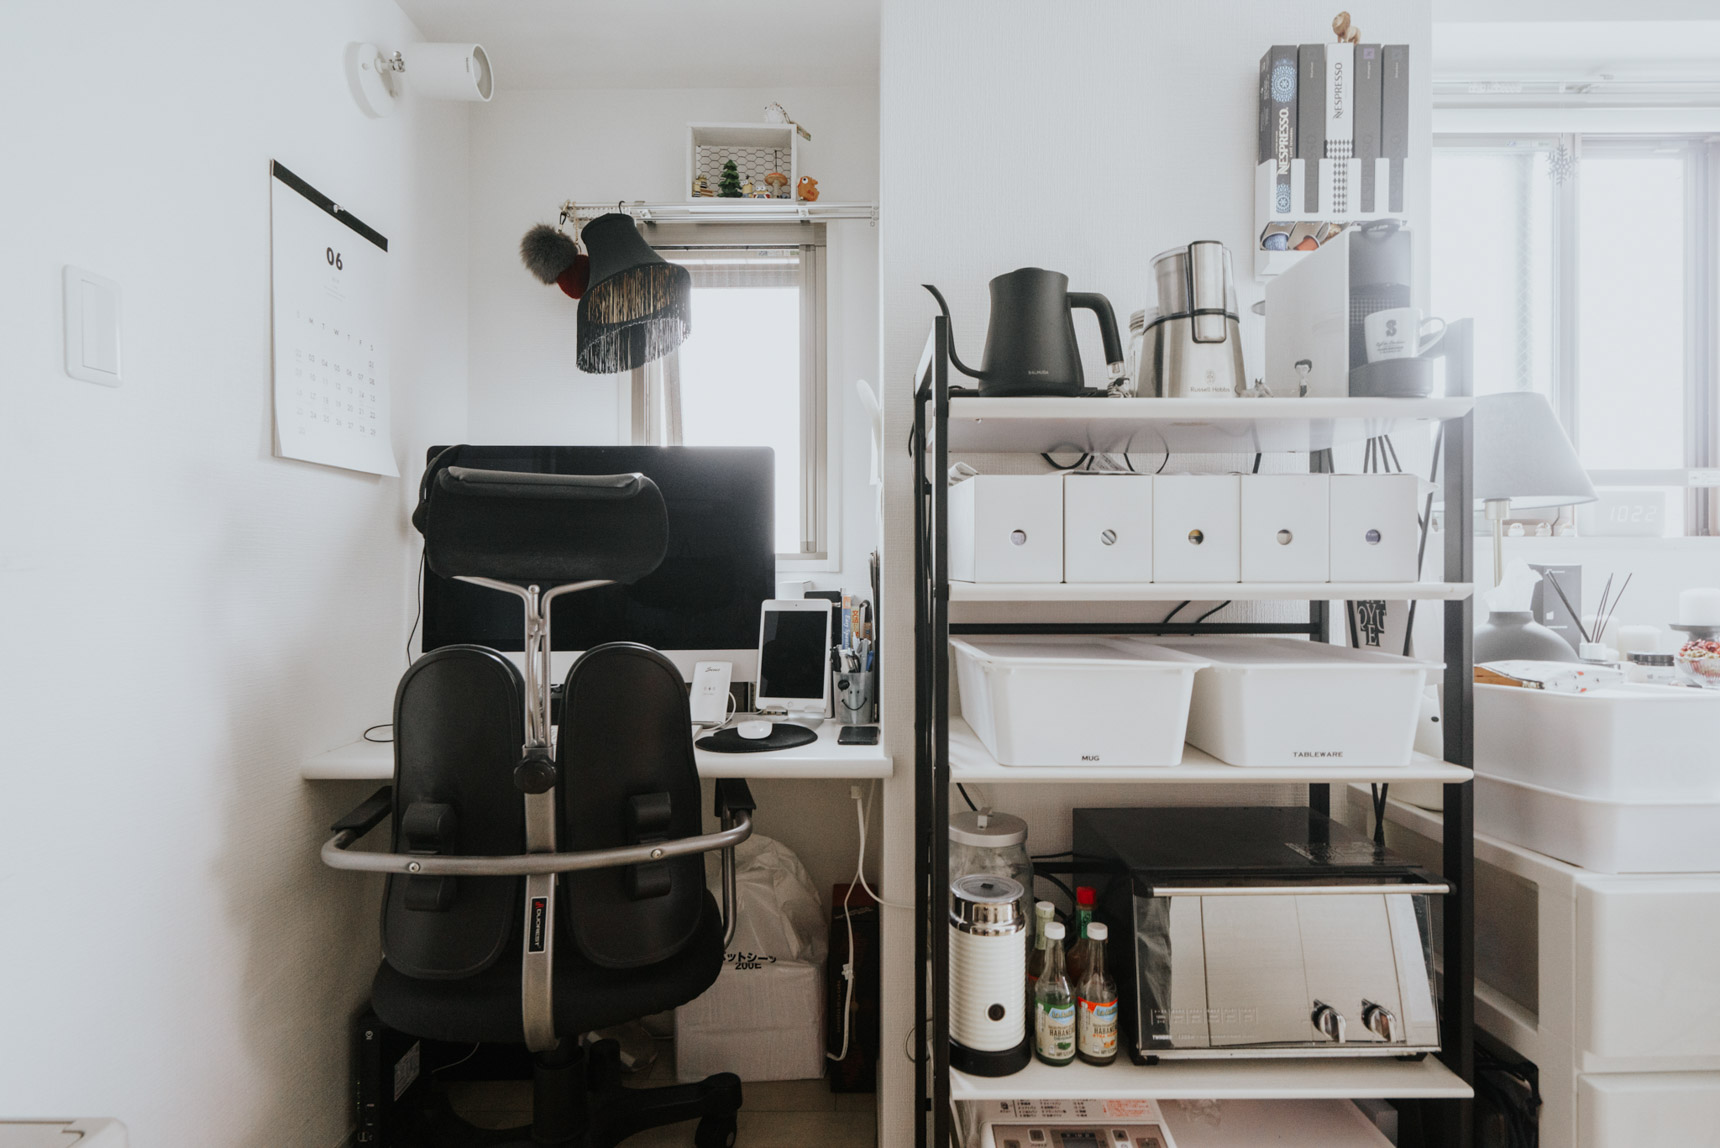 お仕事用のデスクはこちらに。ワンルームでも、それぞれ空間が家具によってなんとなく仕切られているので、メリハリを感じるとてもうまい配置になっています。